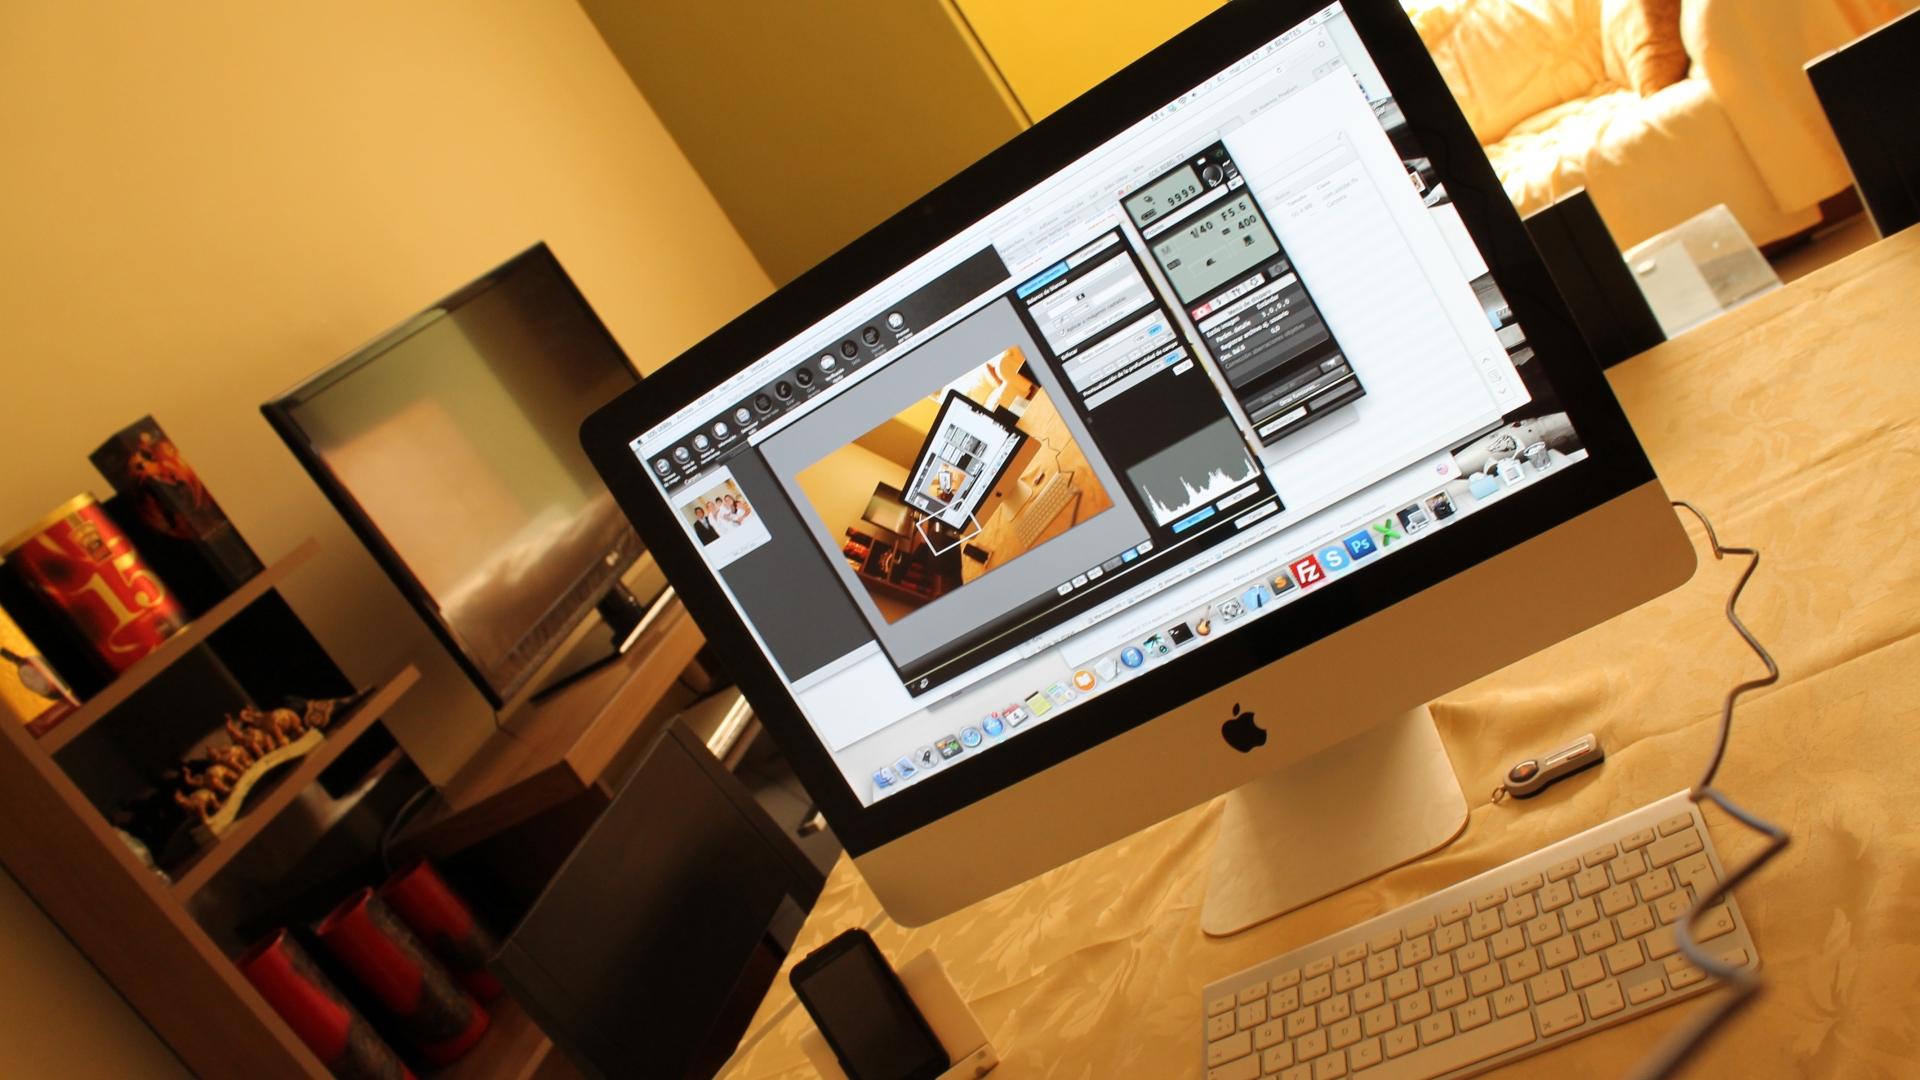 Escritorio con una iMac - 1920x1080